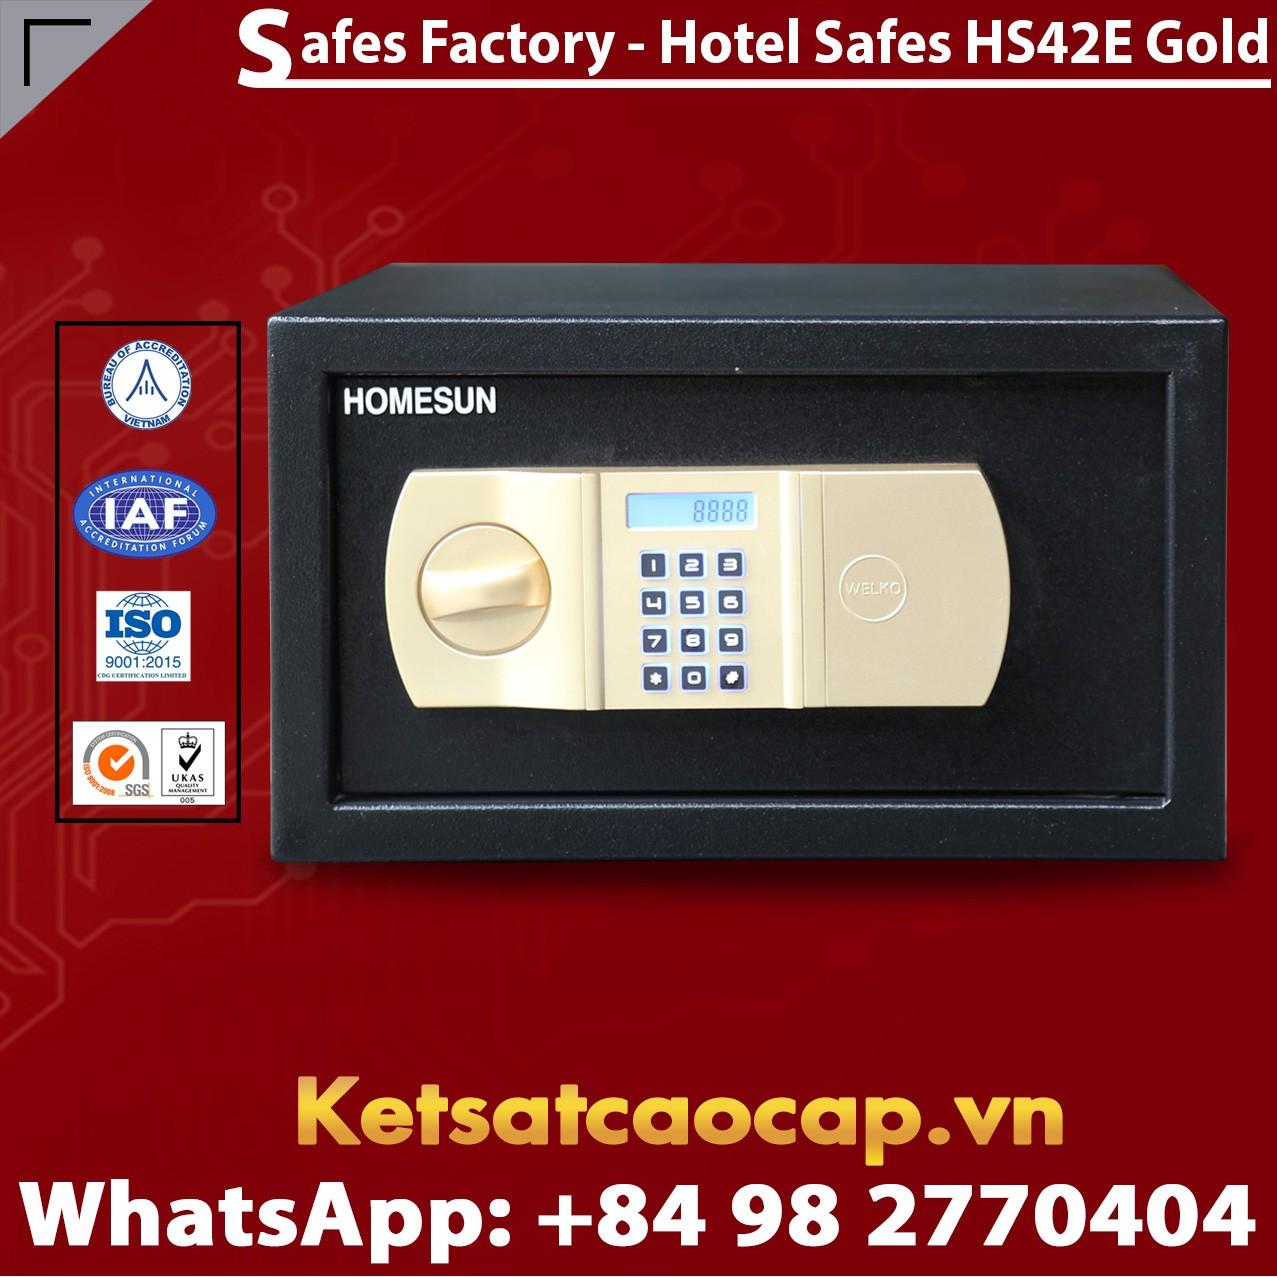 Két Sắt Khách Sạn Hotel Safes HOMESUN HS42 E Gold